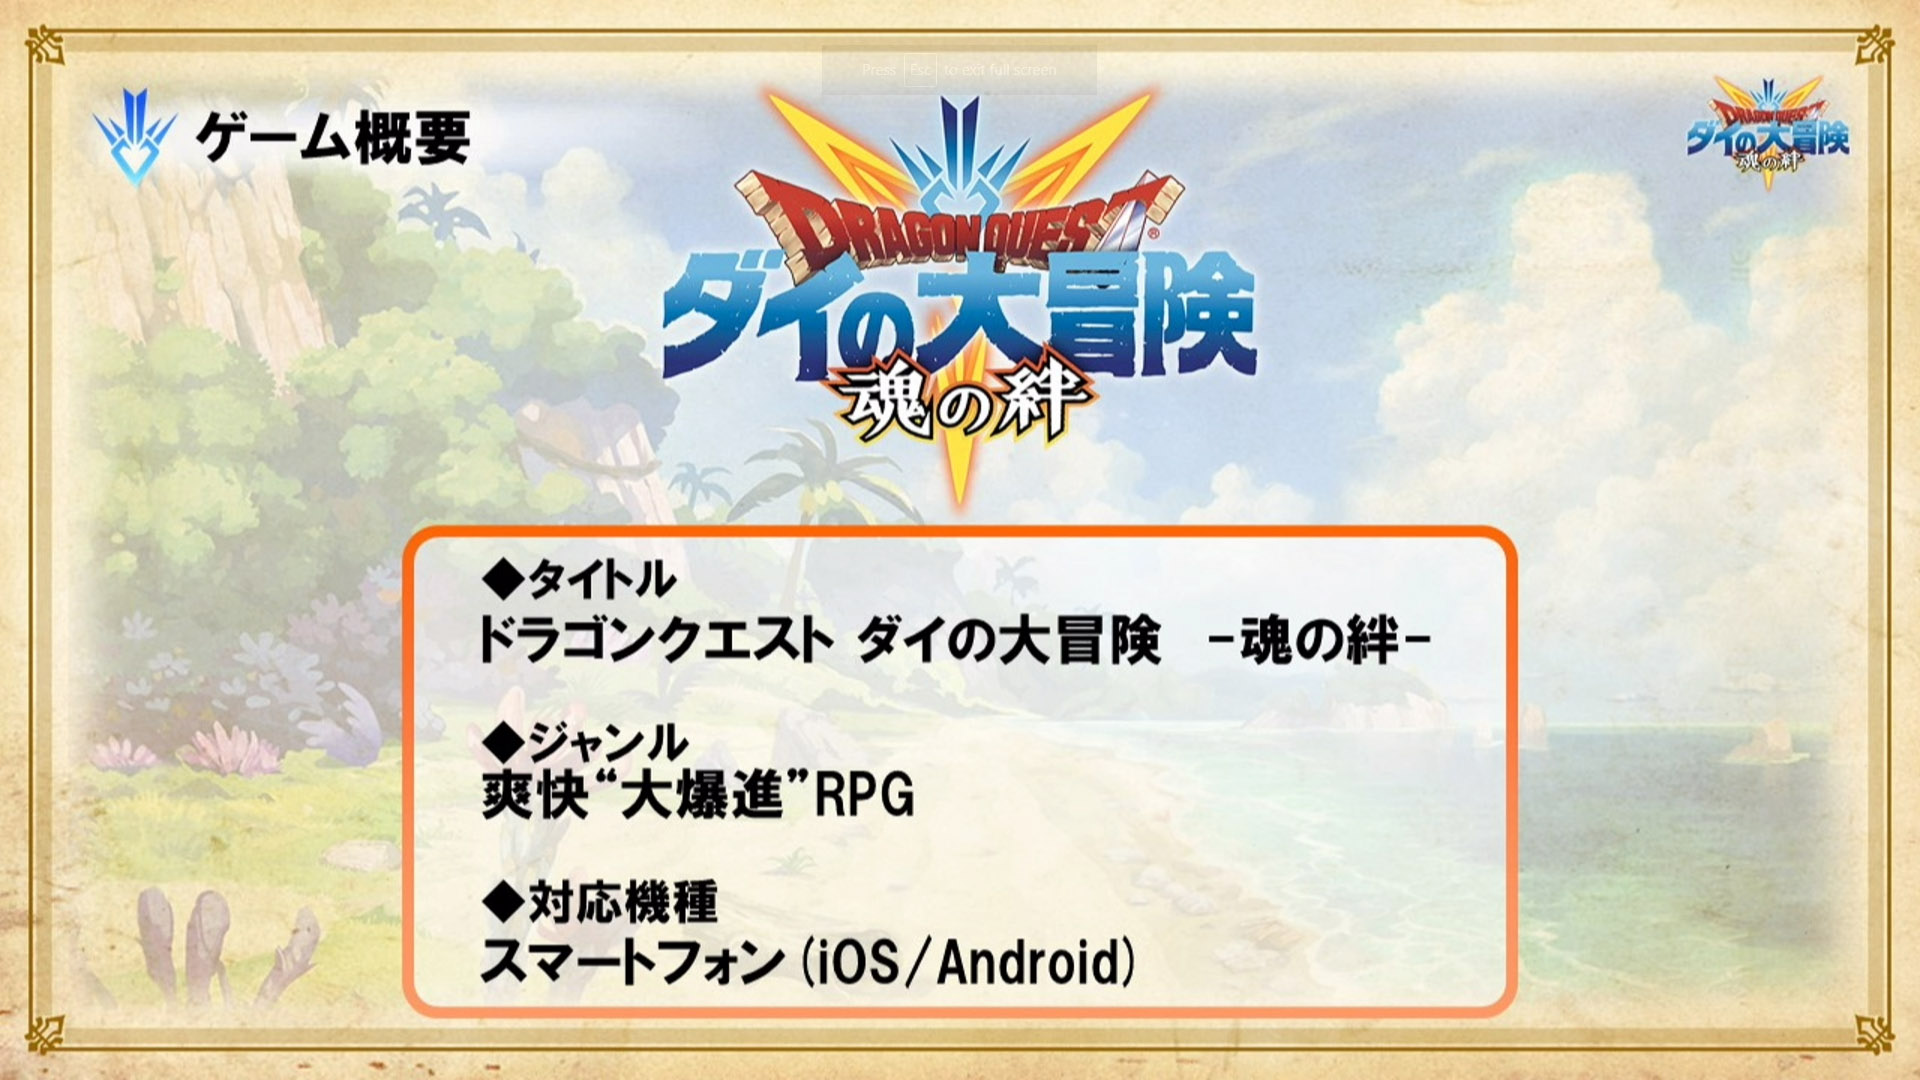 Dragon Quest: The Adventure of Dai é anunciado para iOS e Android 1